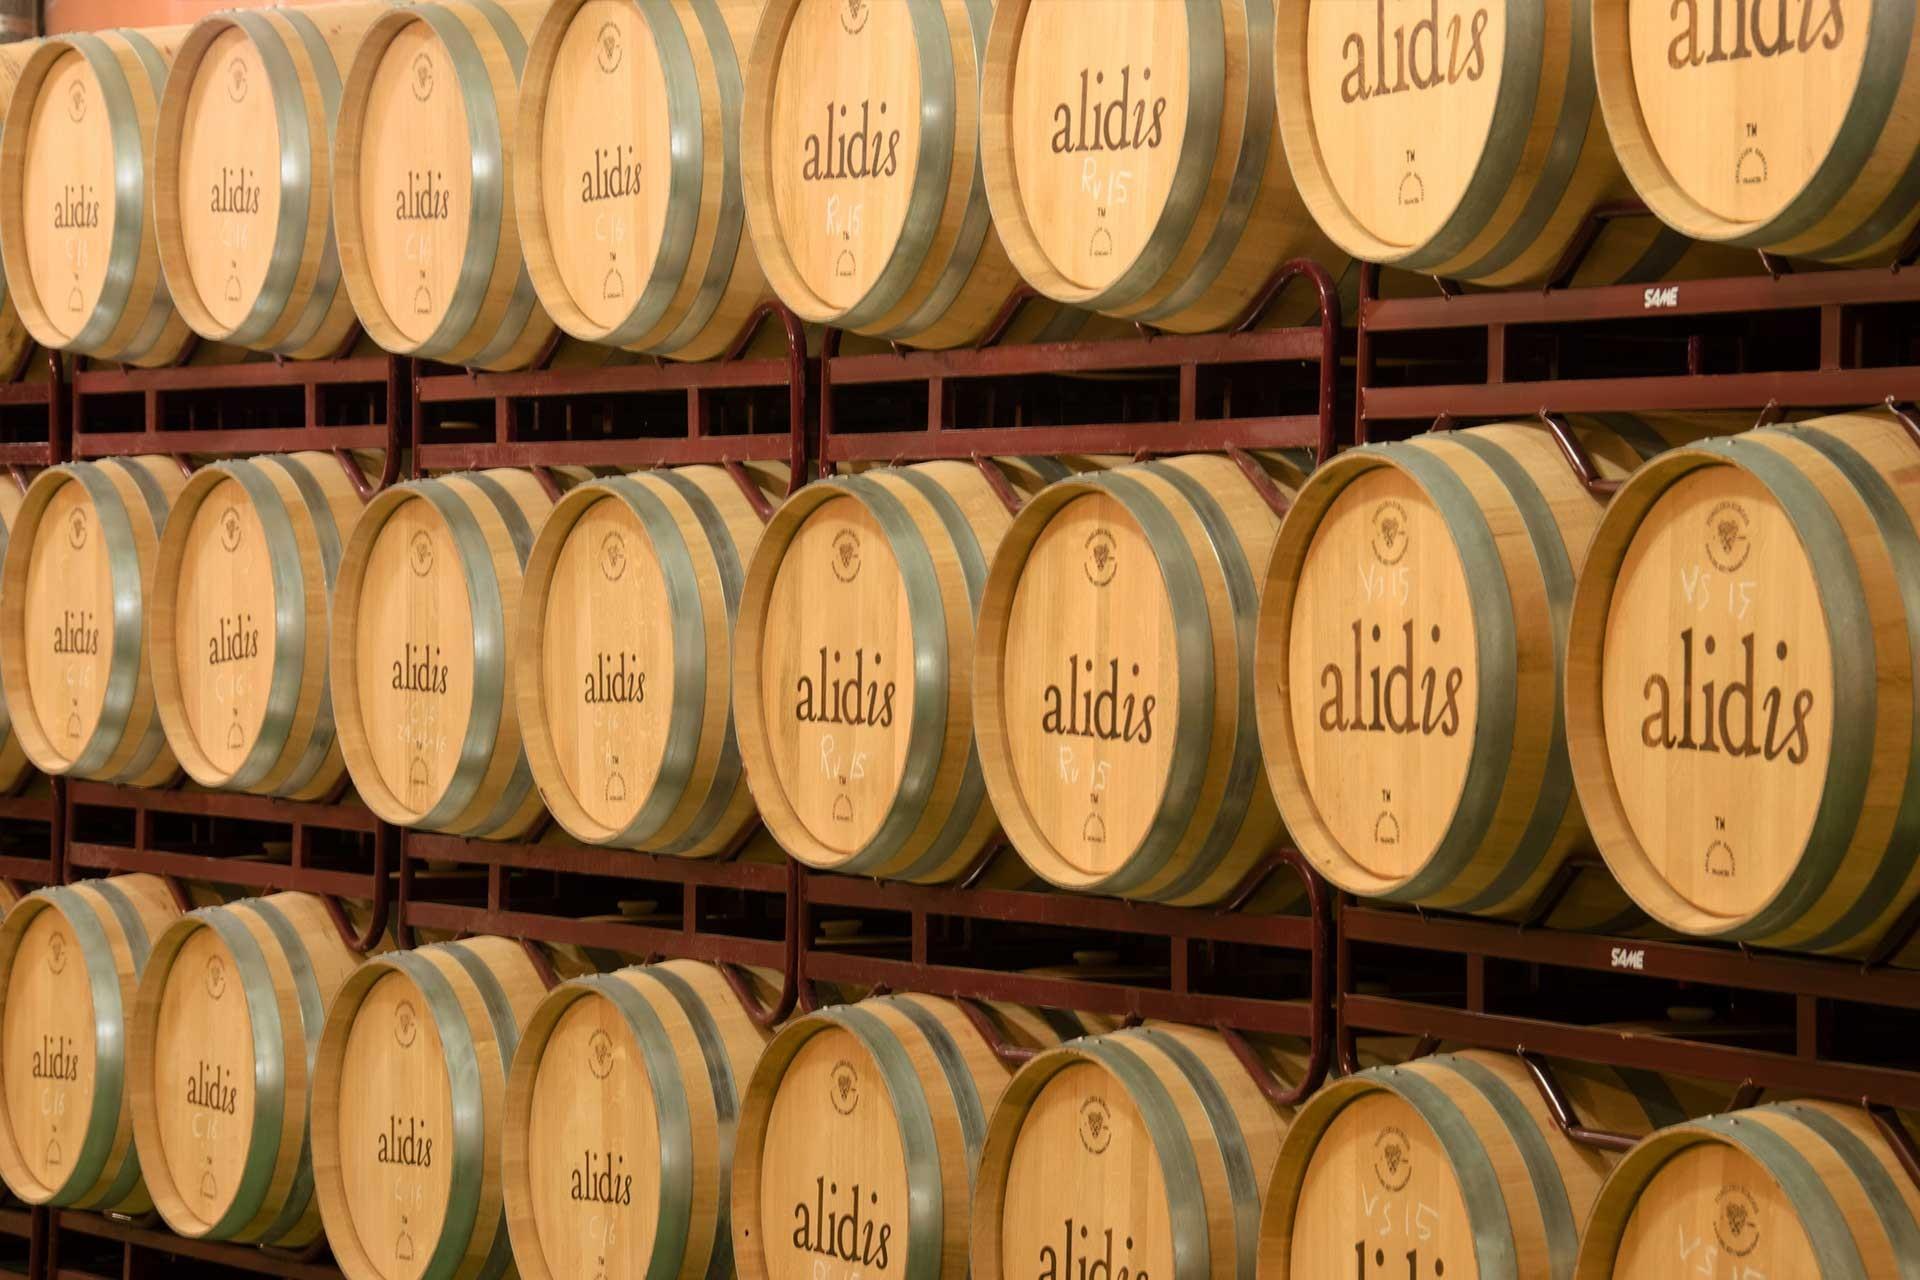 Barricas de roble de vinos Alidis en Burgos